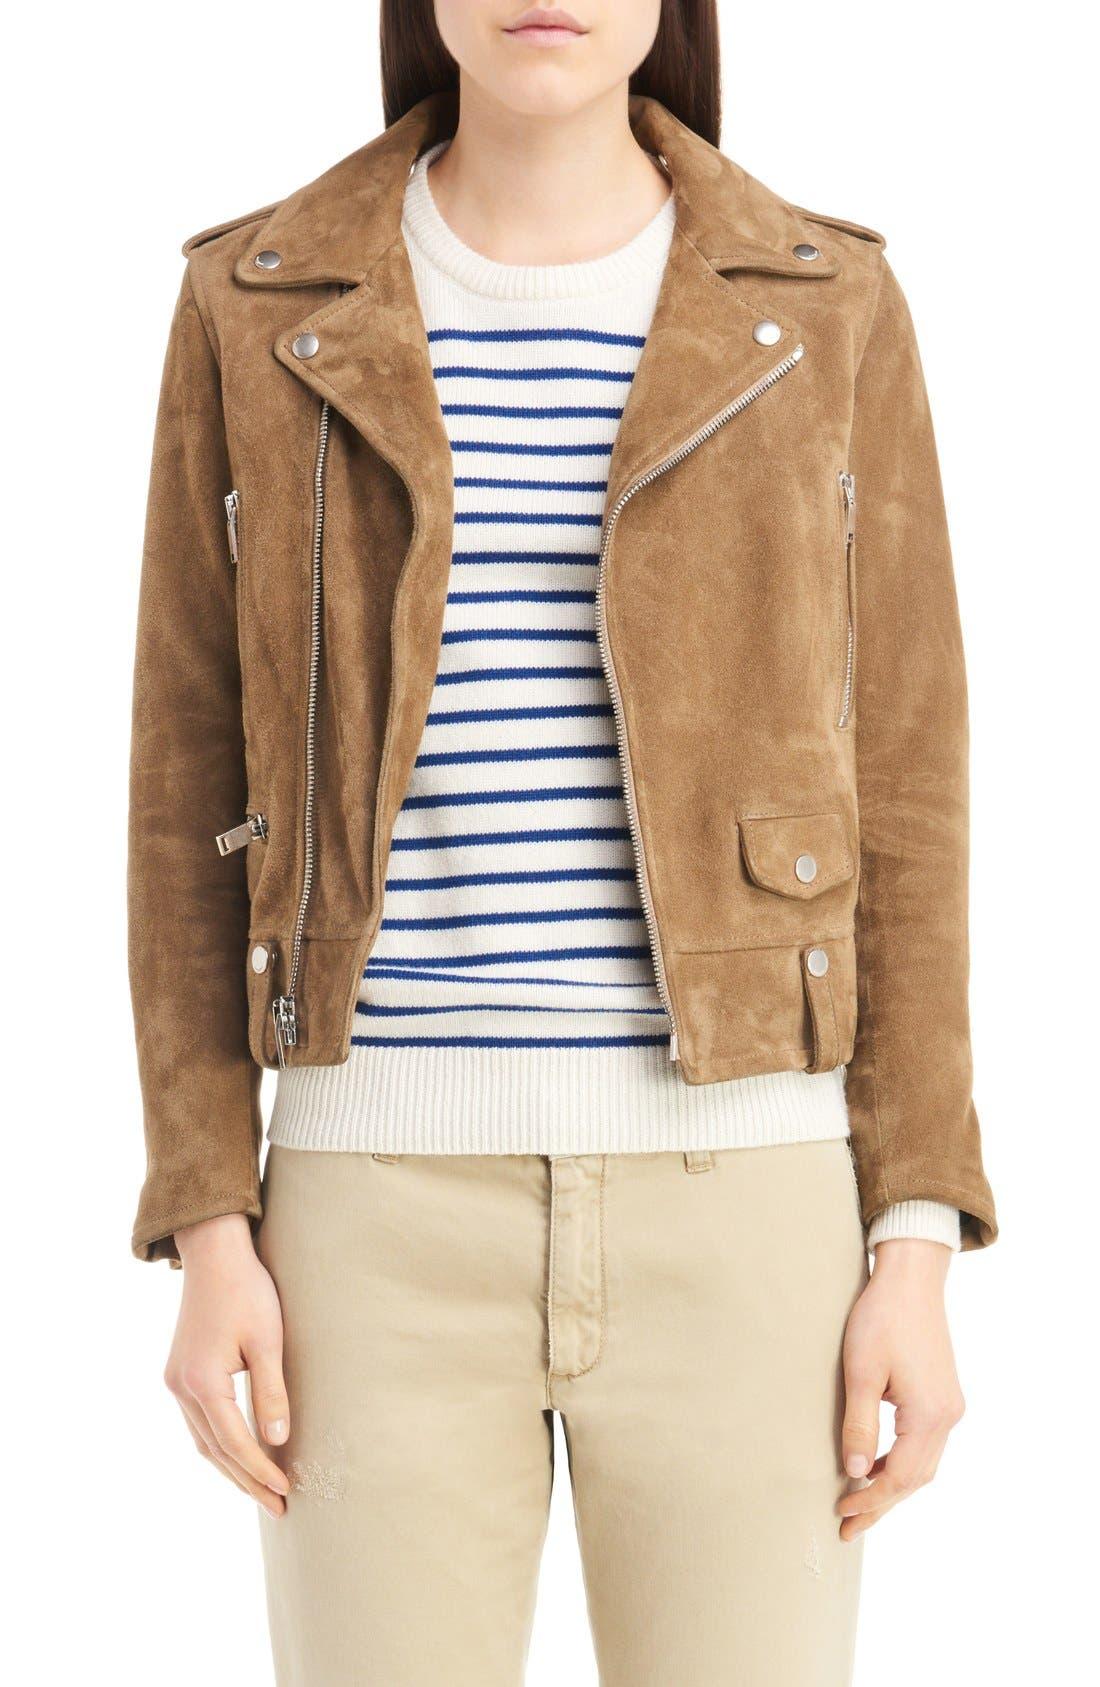 Alternate Image 1 Selected - Saint Laurent Fringe Suede Moto Jacket